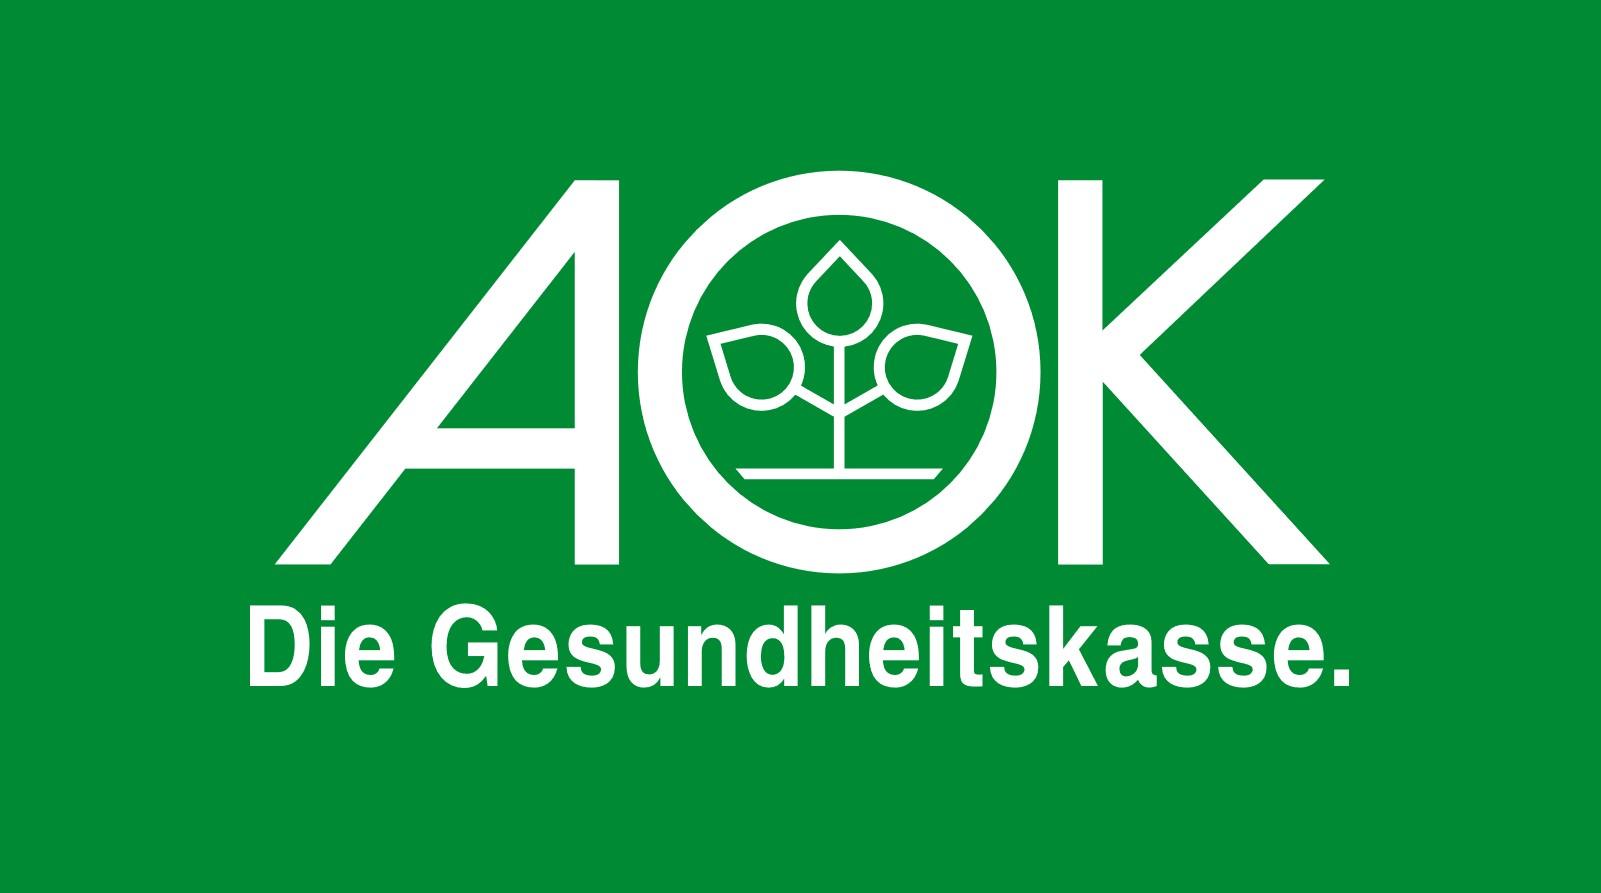 AOK - Die Gesundheitskasse.